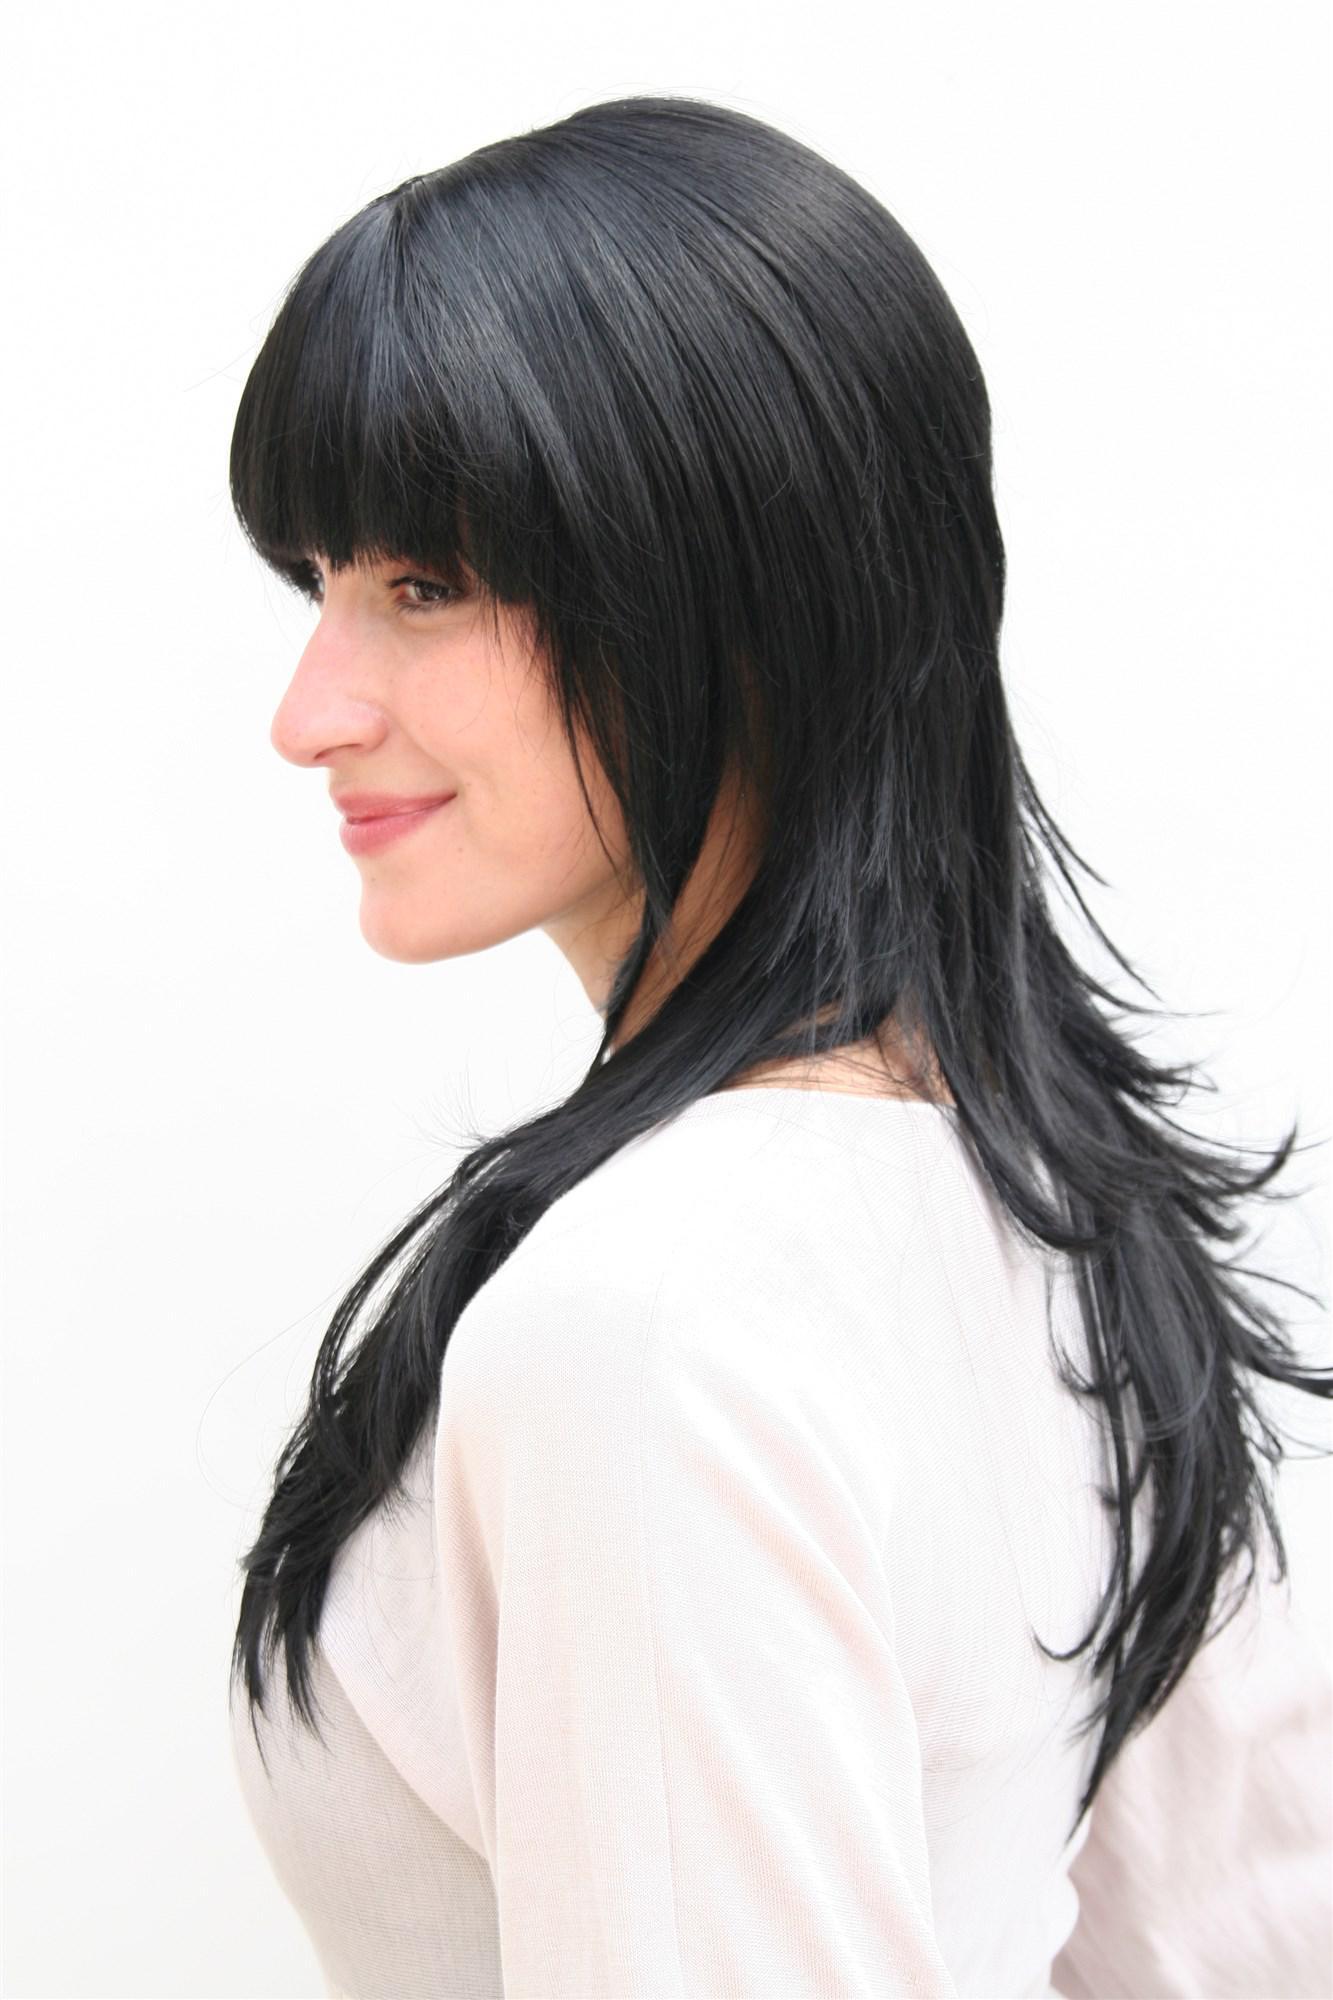 Damenperücke Wig schwarz lang gestuftes Haar Haarersatz ca